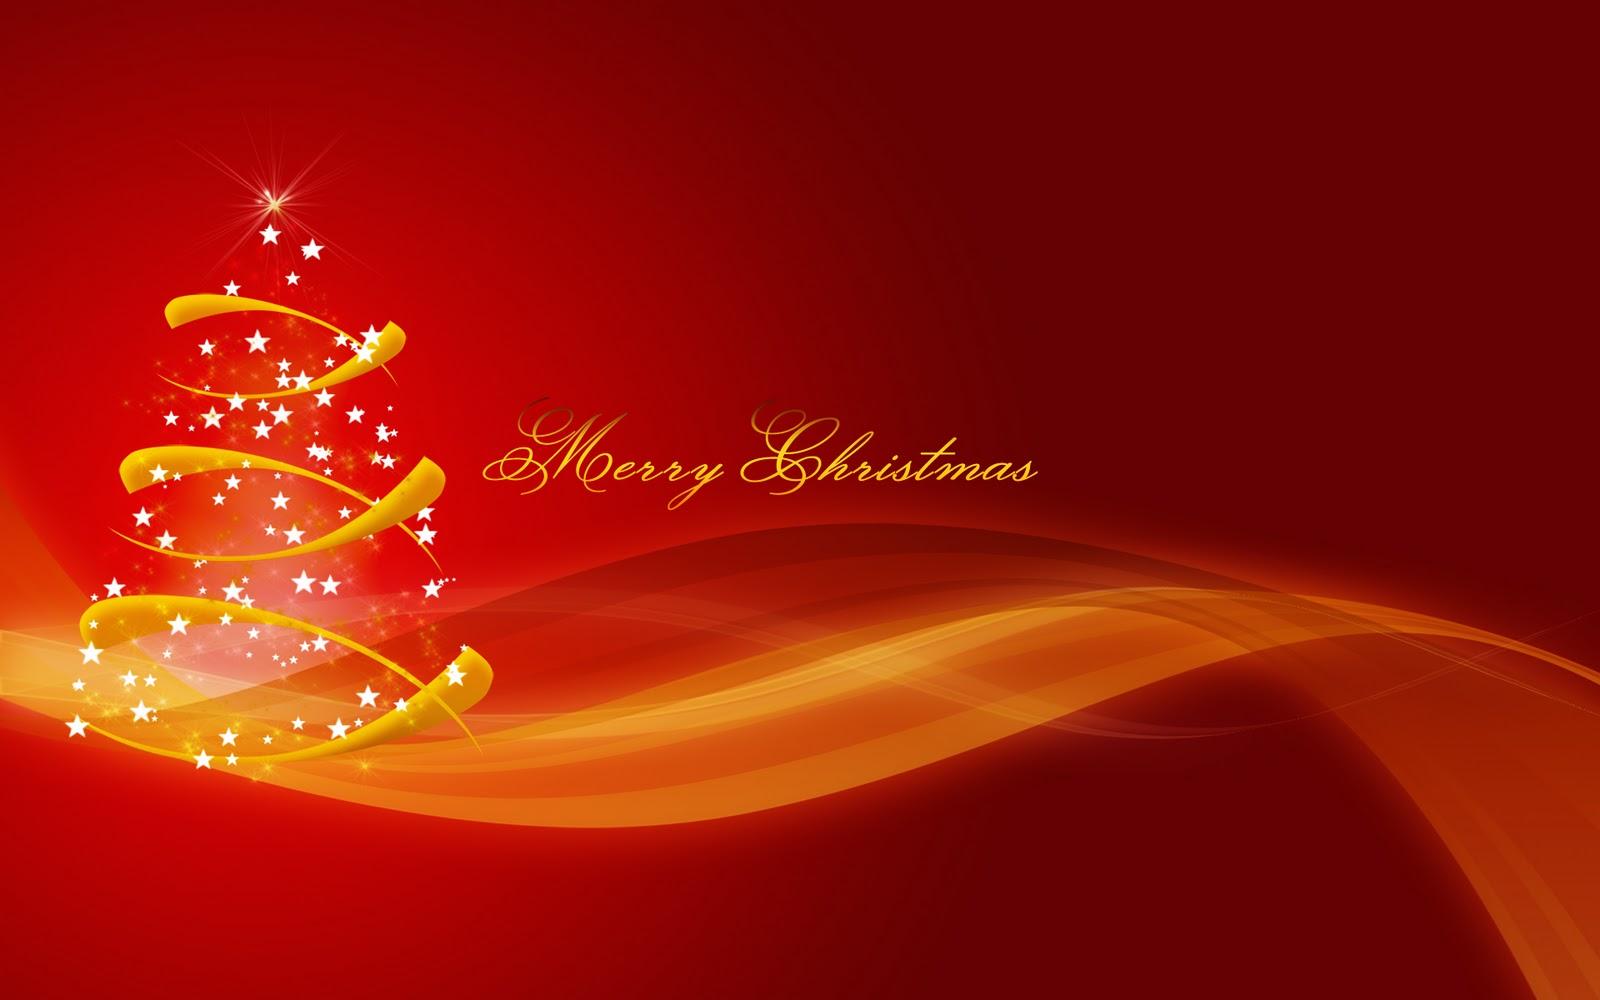 http://4.bp.blogspot.com/-1VpJUDl8X30/Tu4fF8vhyWI/AAAAAAAAIaE/e0D7W8szX7o/s1600/christmas-wallpaper-for-mac.jpg